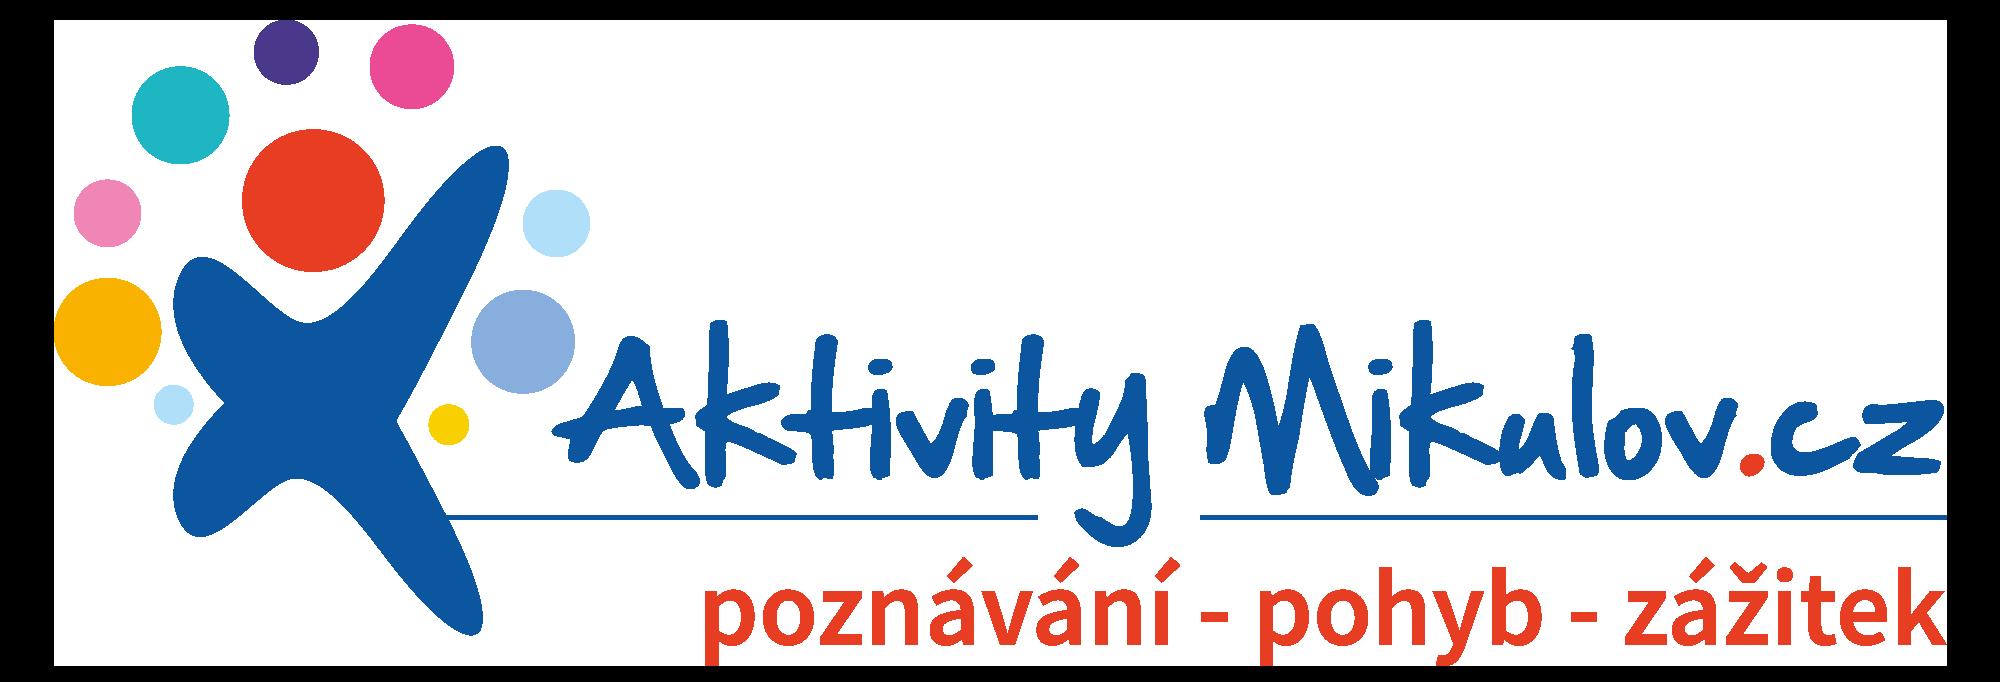 AktivityMikulov.cz